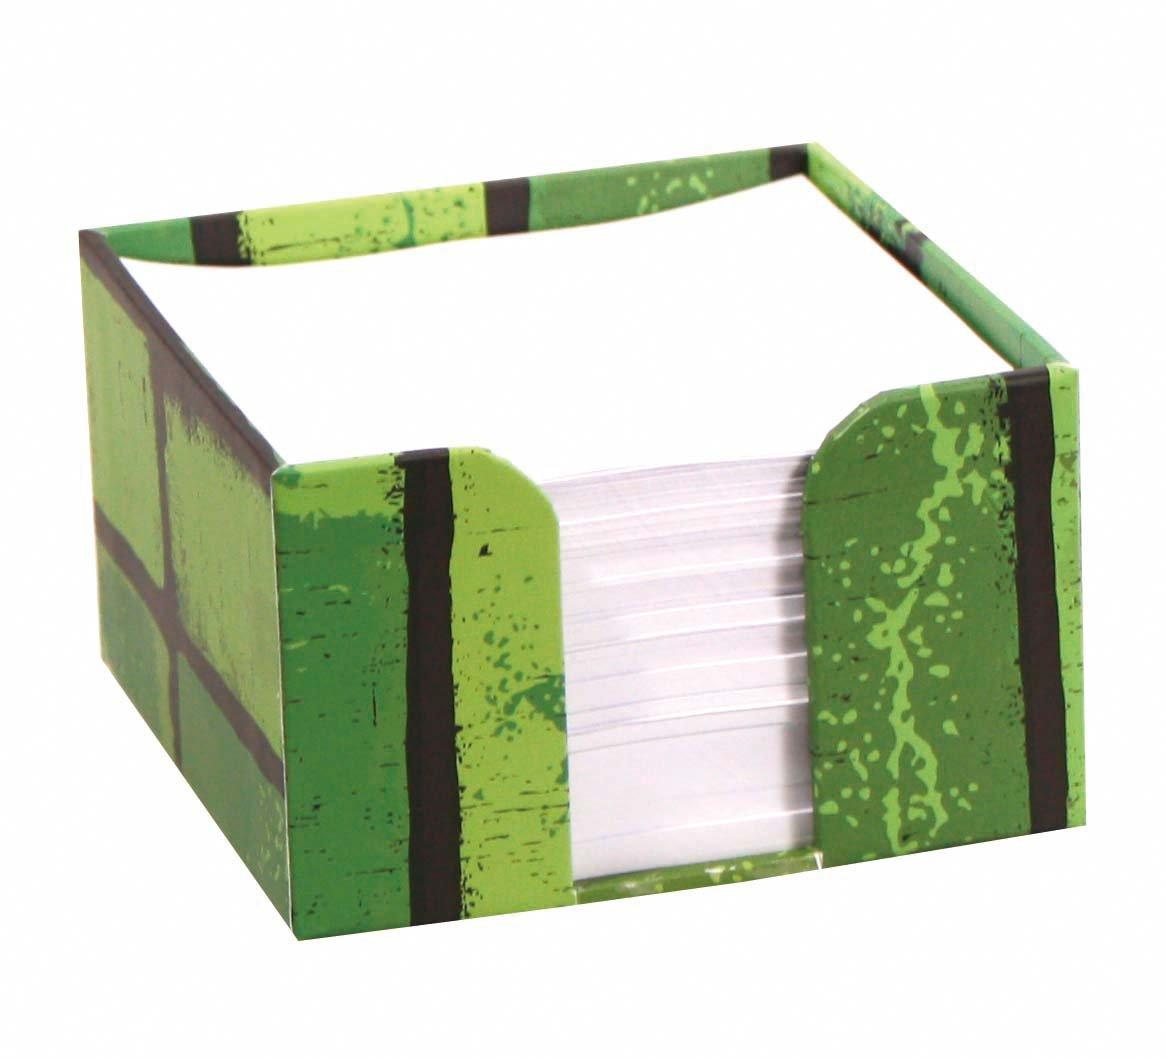 eco green design memo pad buy memo pad memo holder promotion eco green design memo pad buy memo pad memo holder promotion gift product on alibaba com